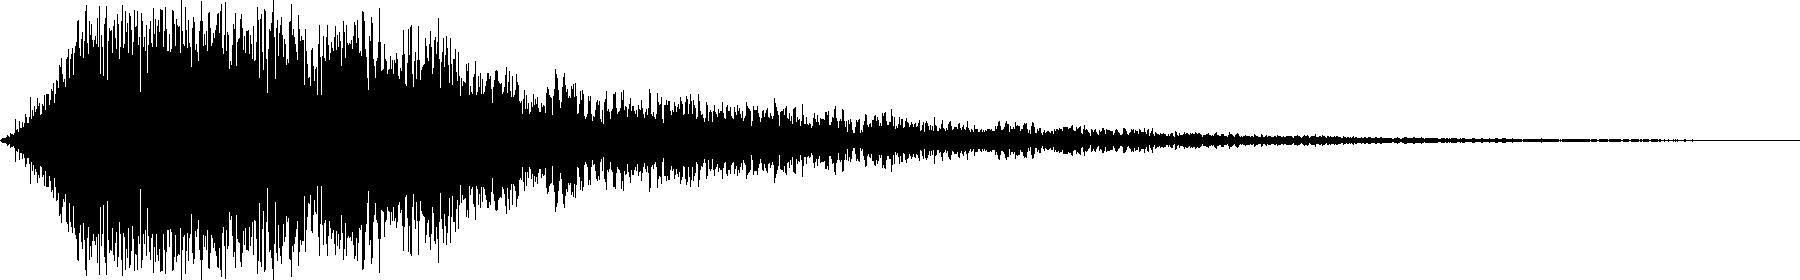 vfx1 atmos 22